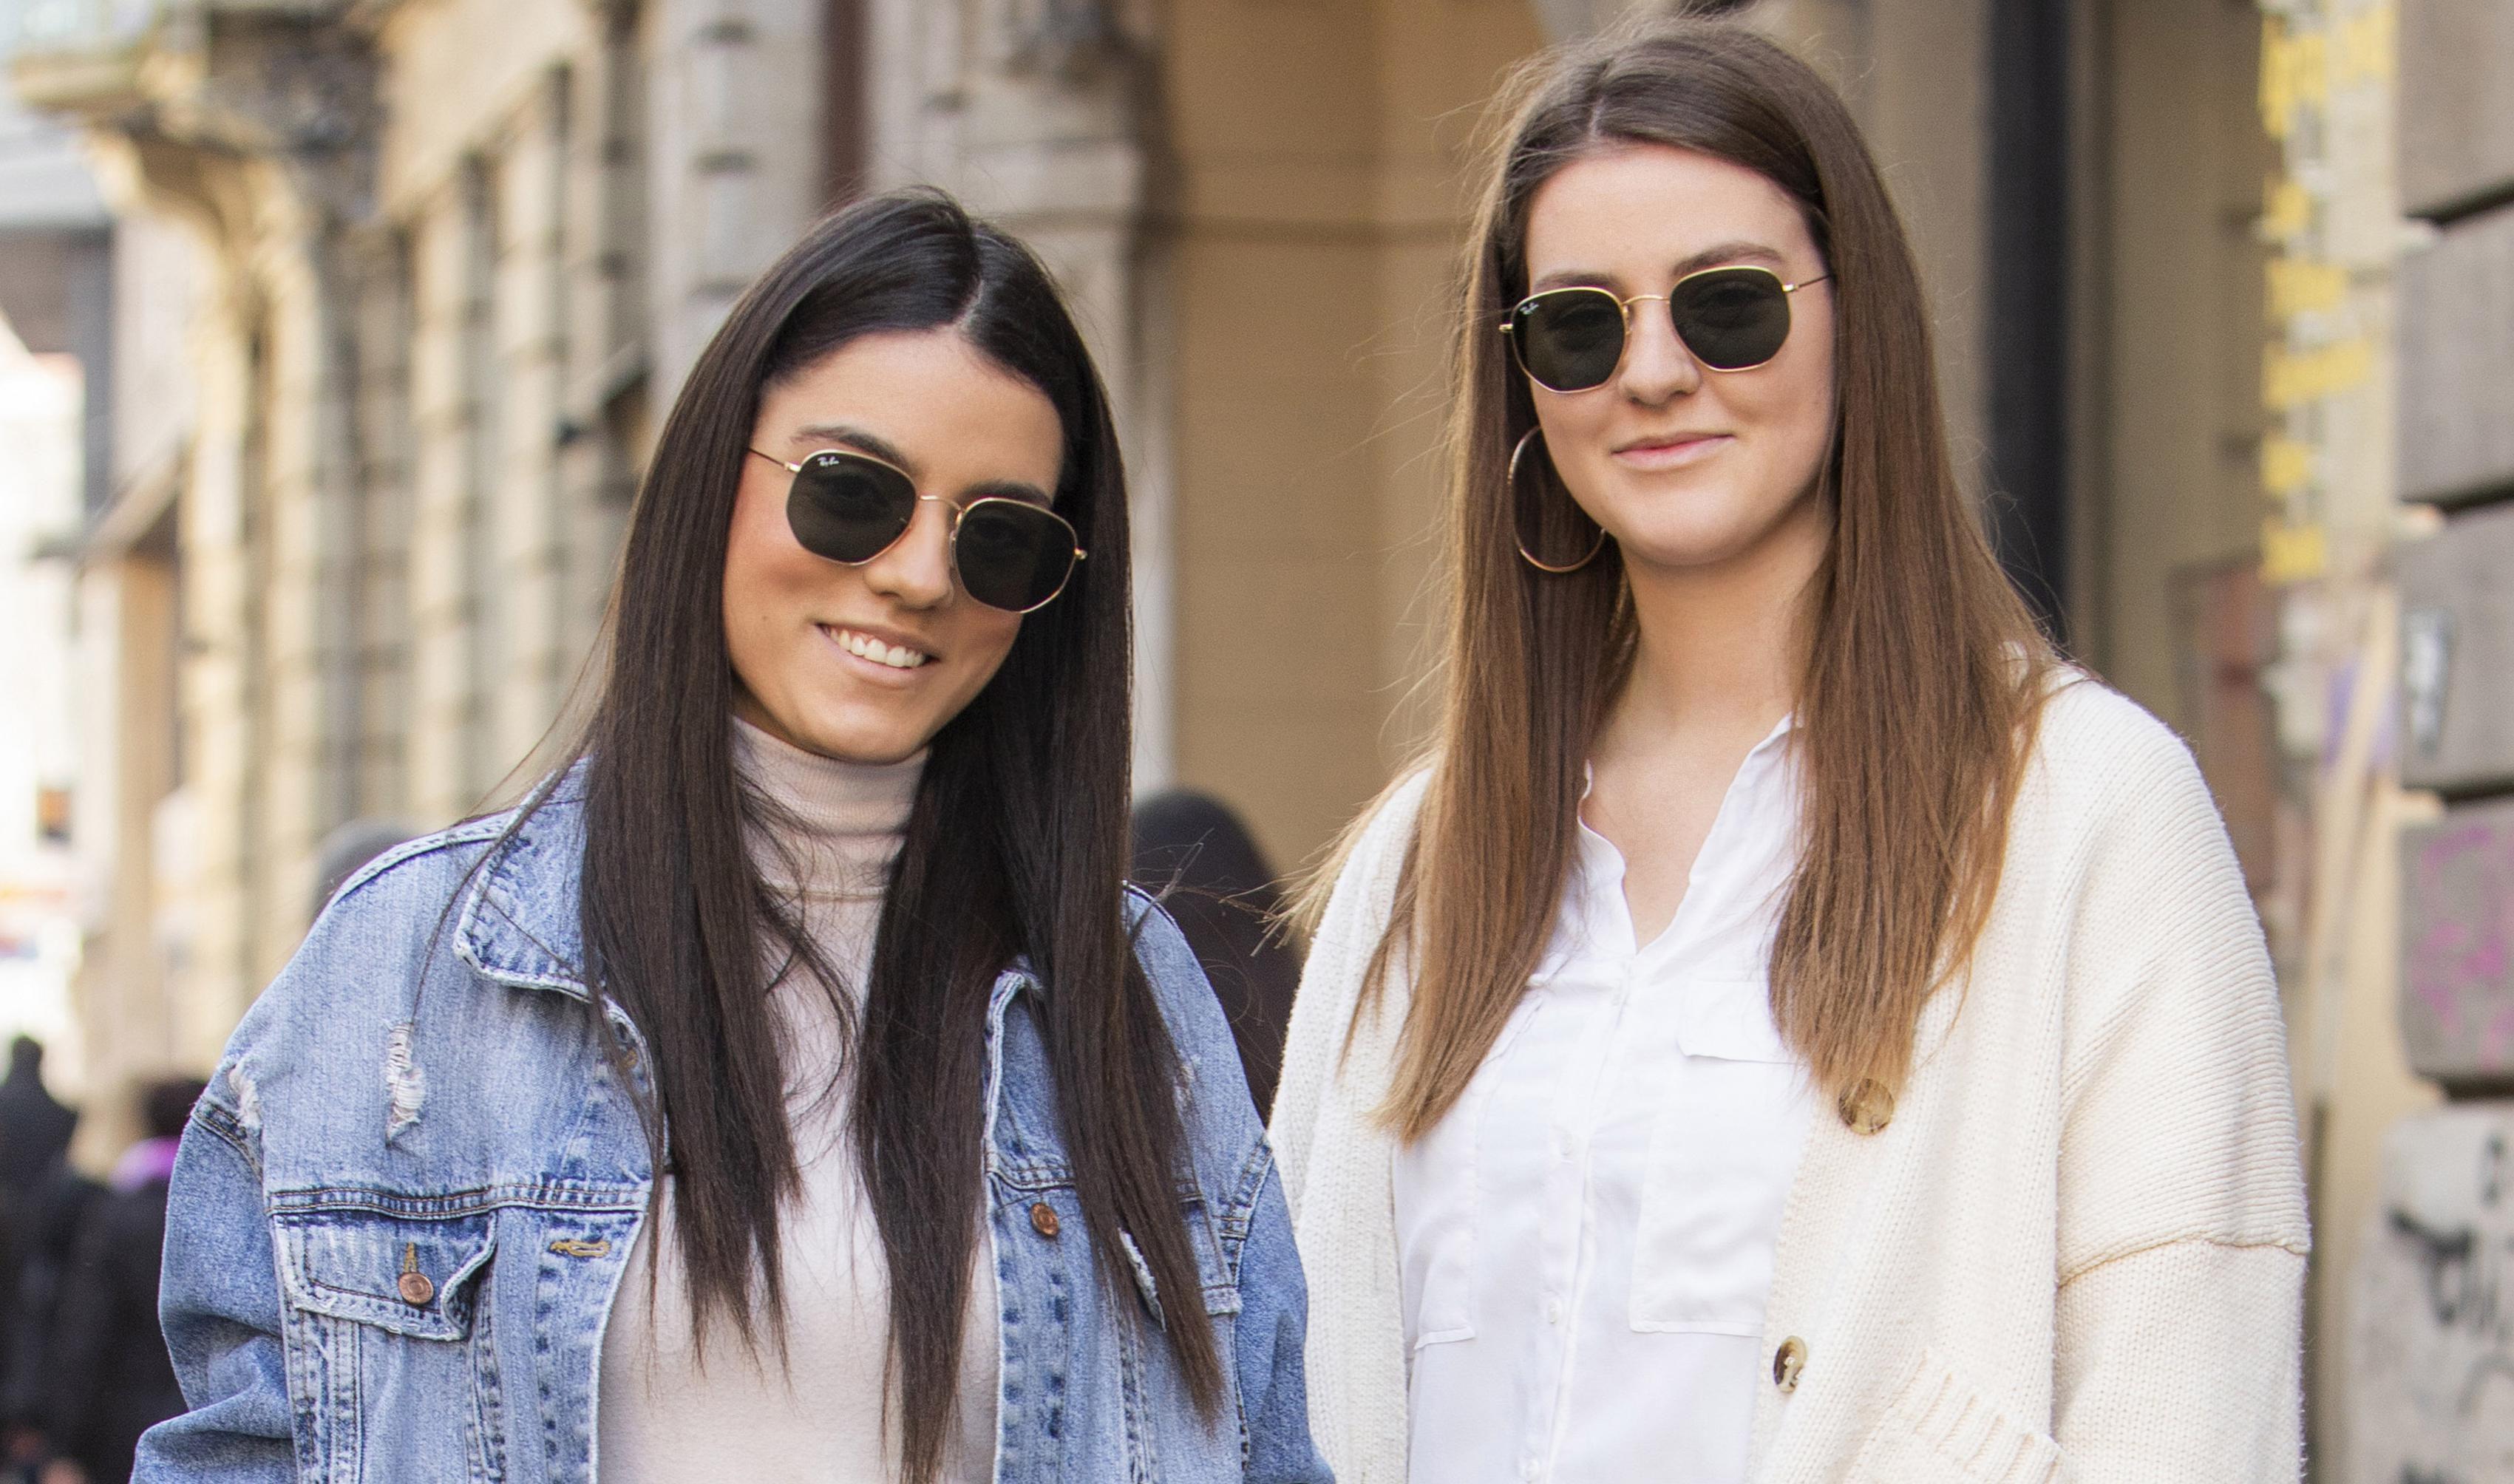 Jedna u efektnim čizmama, druga u trendi tenisicama: 'Često razmjenjujemo garderobu i uvijek idemo zajedno u šoping'